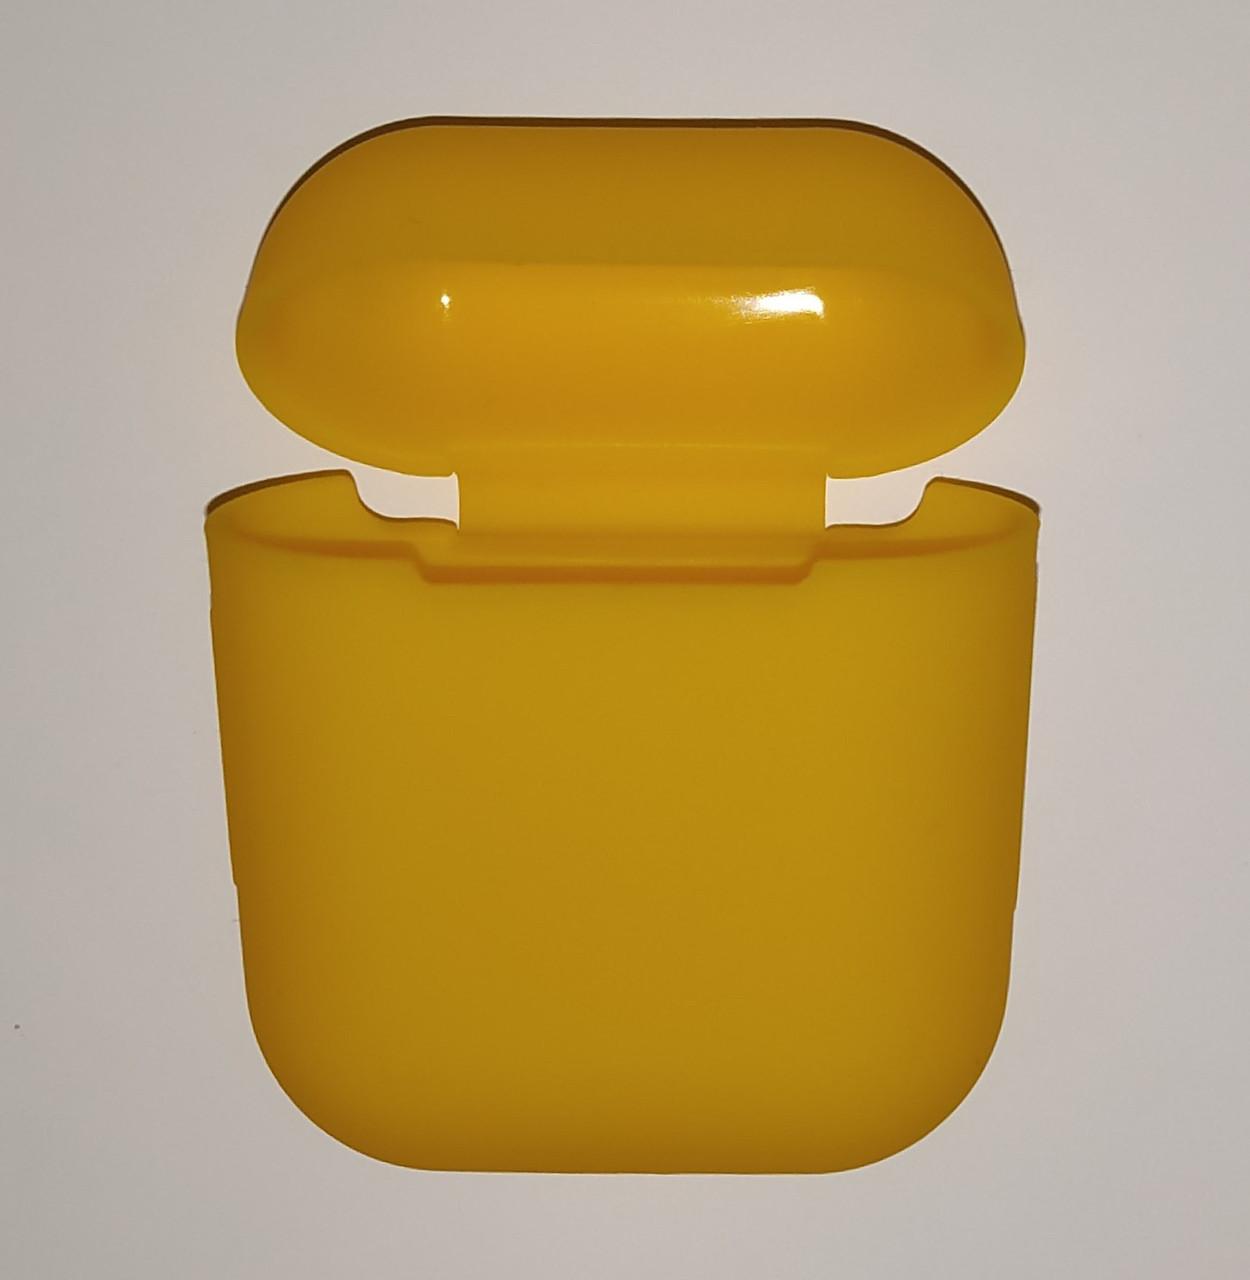 Чехол на AirPods темно-желтый, силиконовый